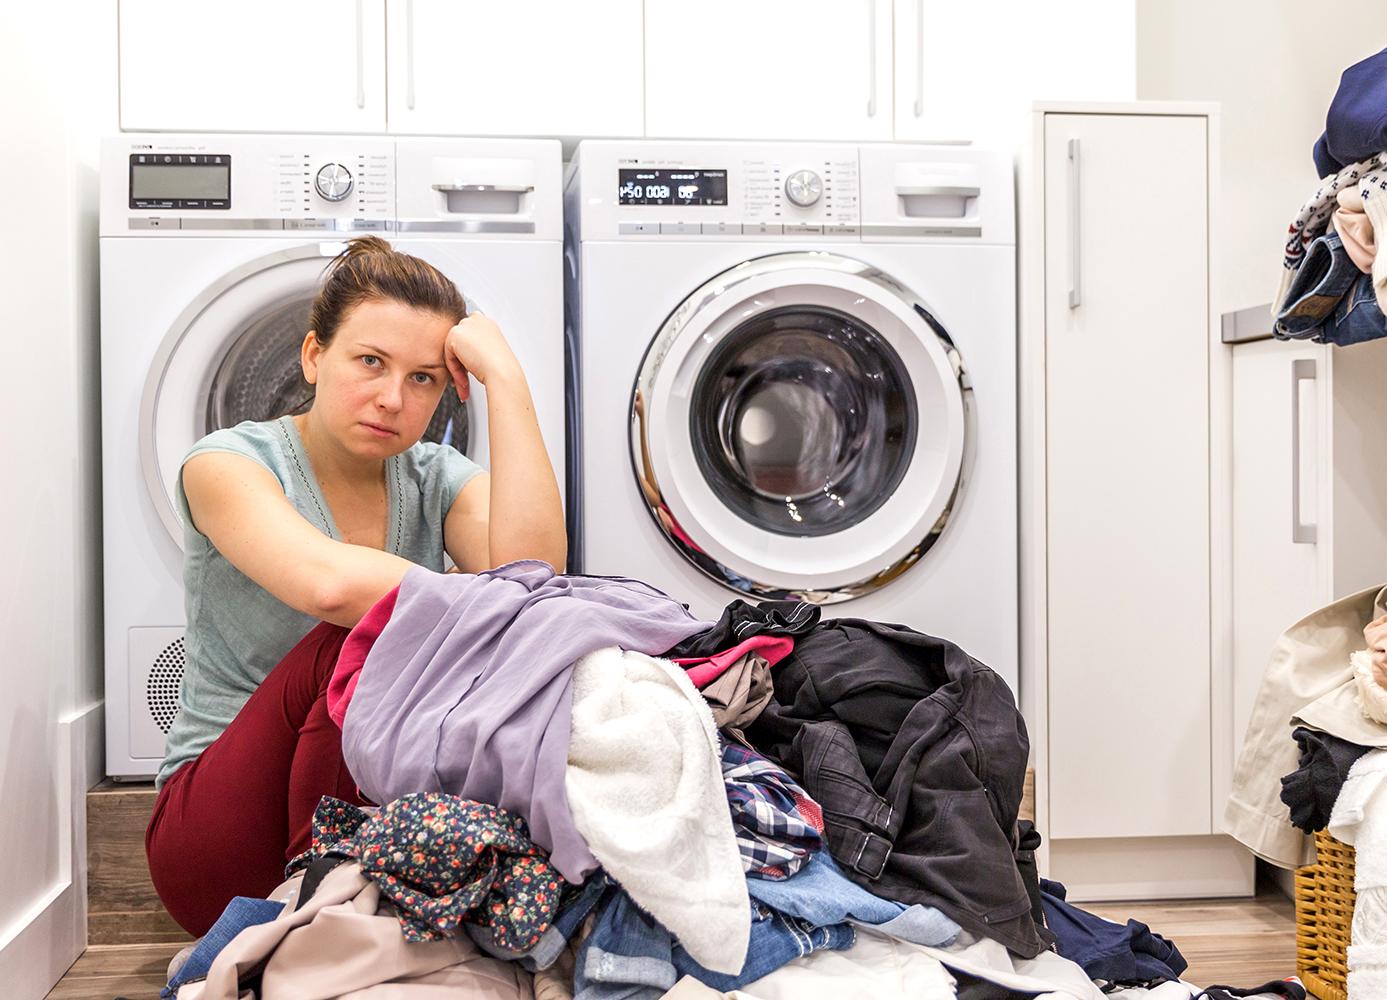 Máy giặt hỏng làm sao để giải quyết đống quần áo? Đừng lo vì đã có sửa máy giặt gần đây giải quyết nỗi lo ấy cho bạn.